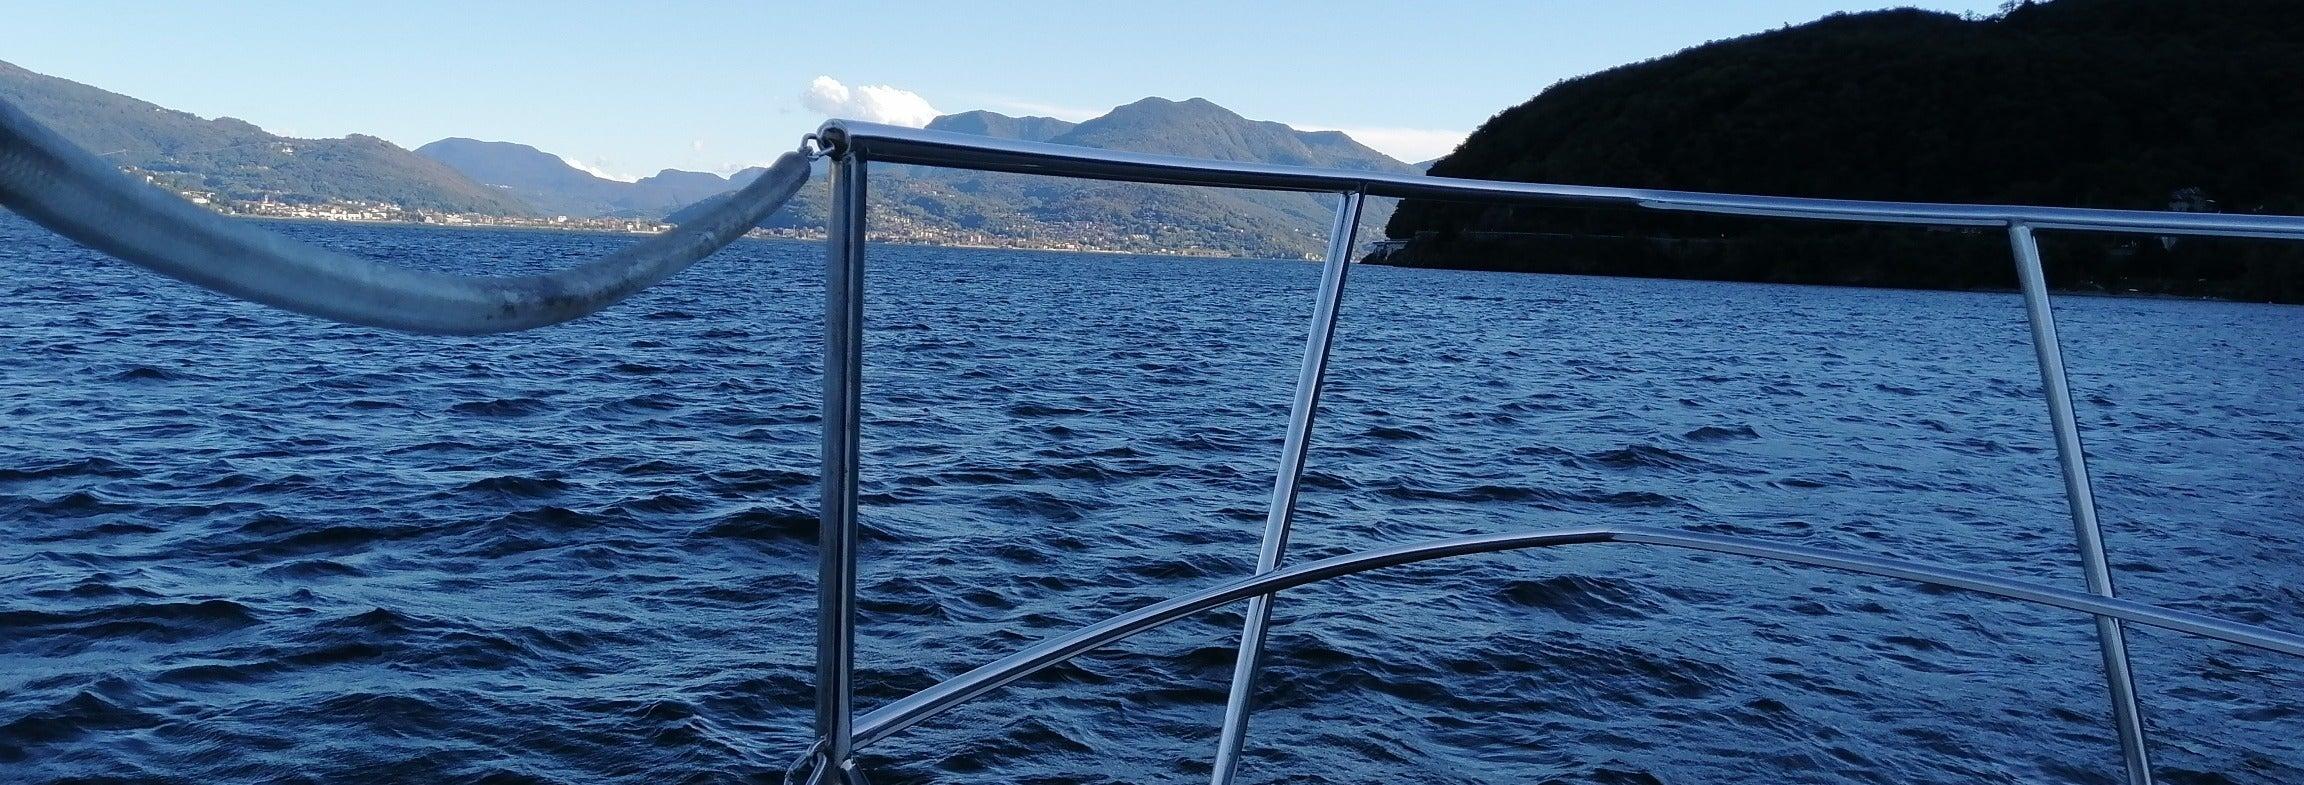 Giro in barca al tramonto sul Lago Maggiore